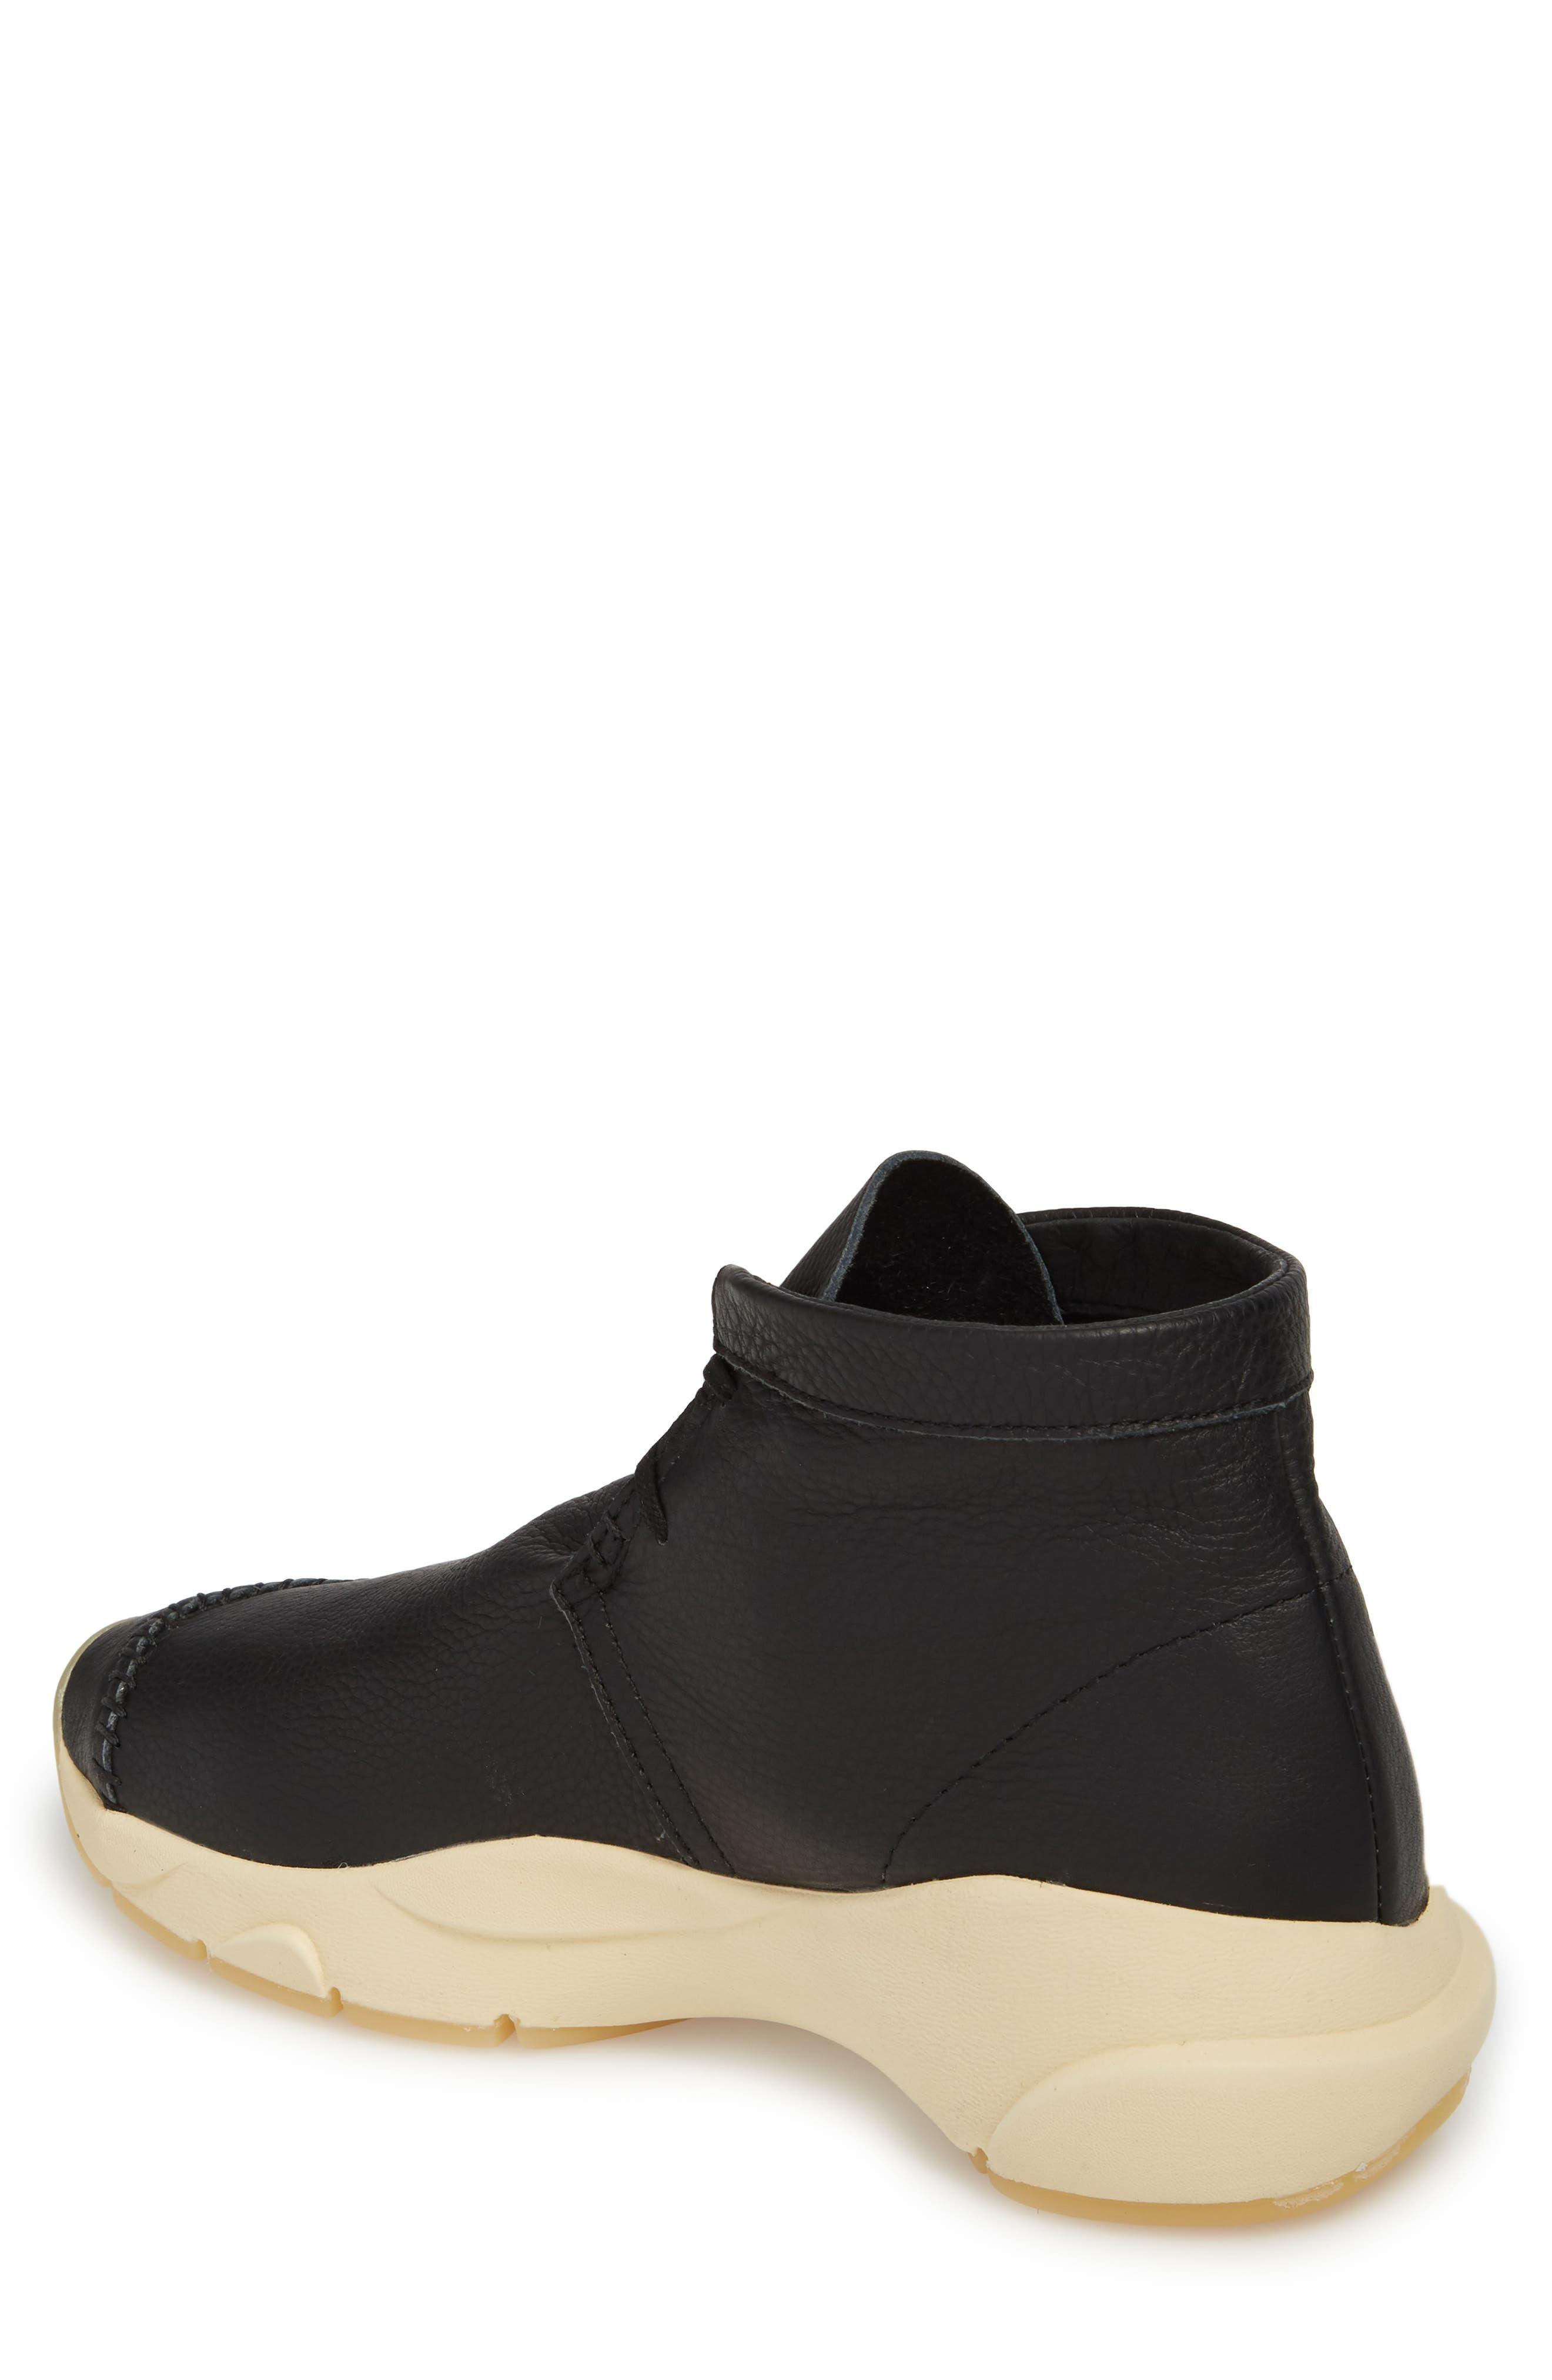 Castas Asymmetrical Chukka Sneaker,                             Alternate thumbnail 2, color,